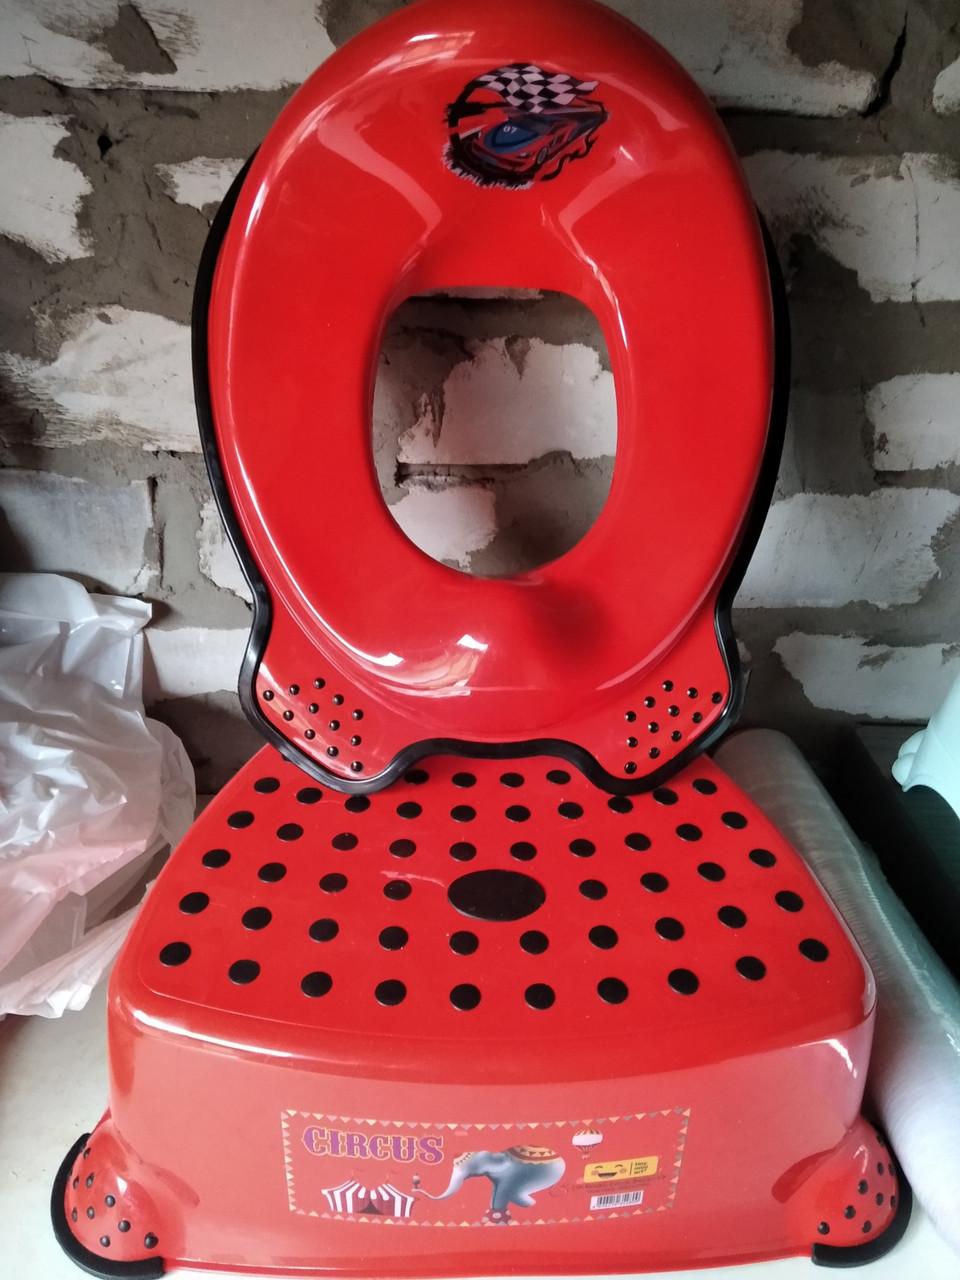 Комплект подставка накладка детские для унитаза умывальника, набор ступенька и вставка, Турция, красный